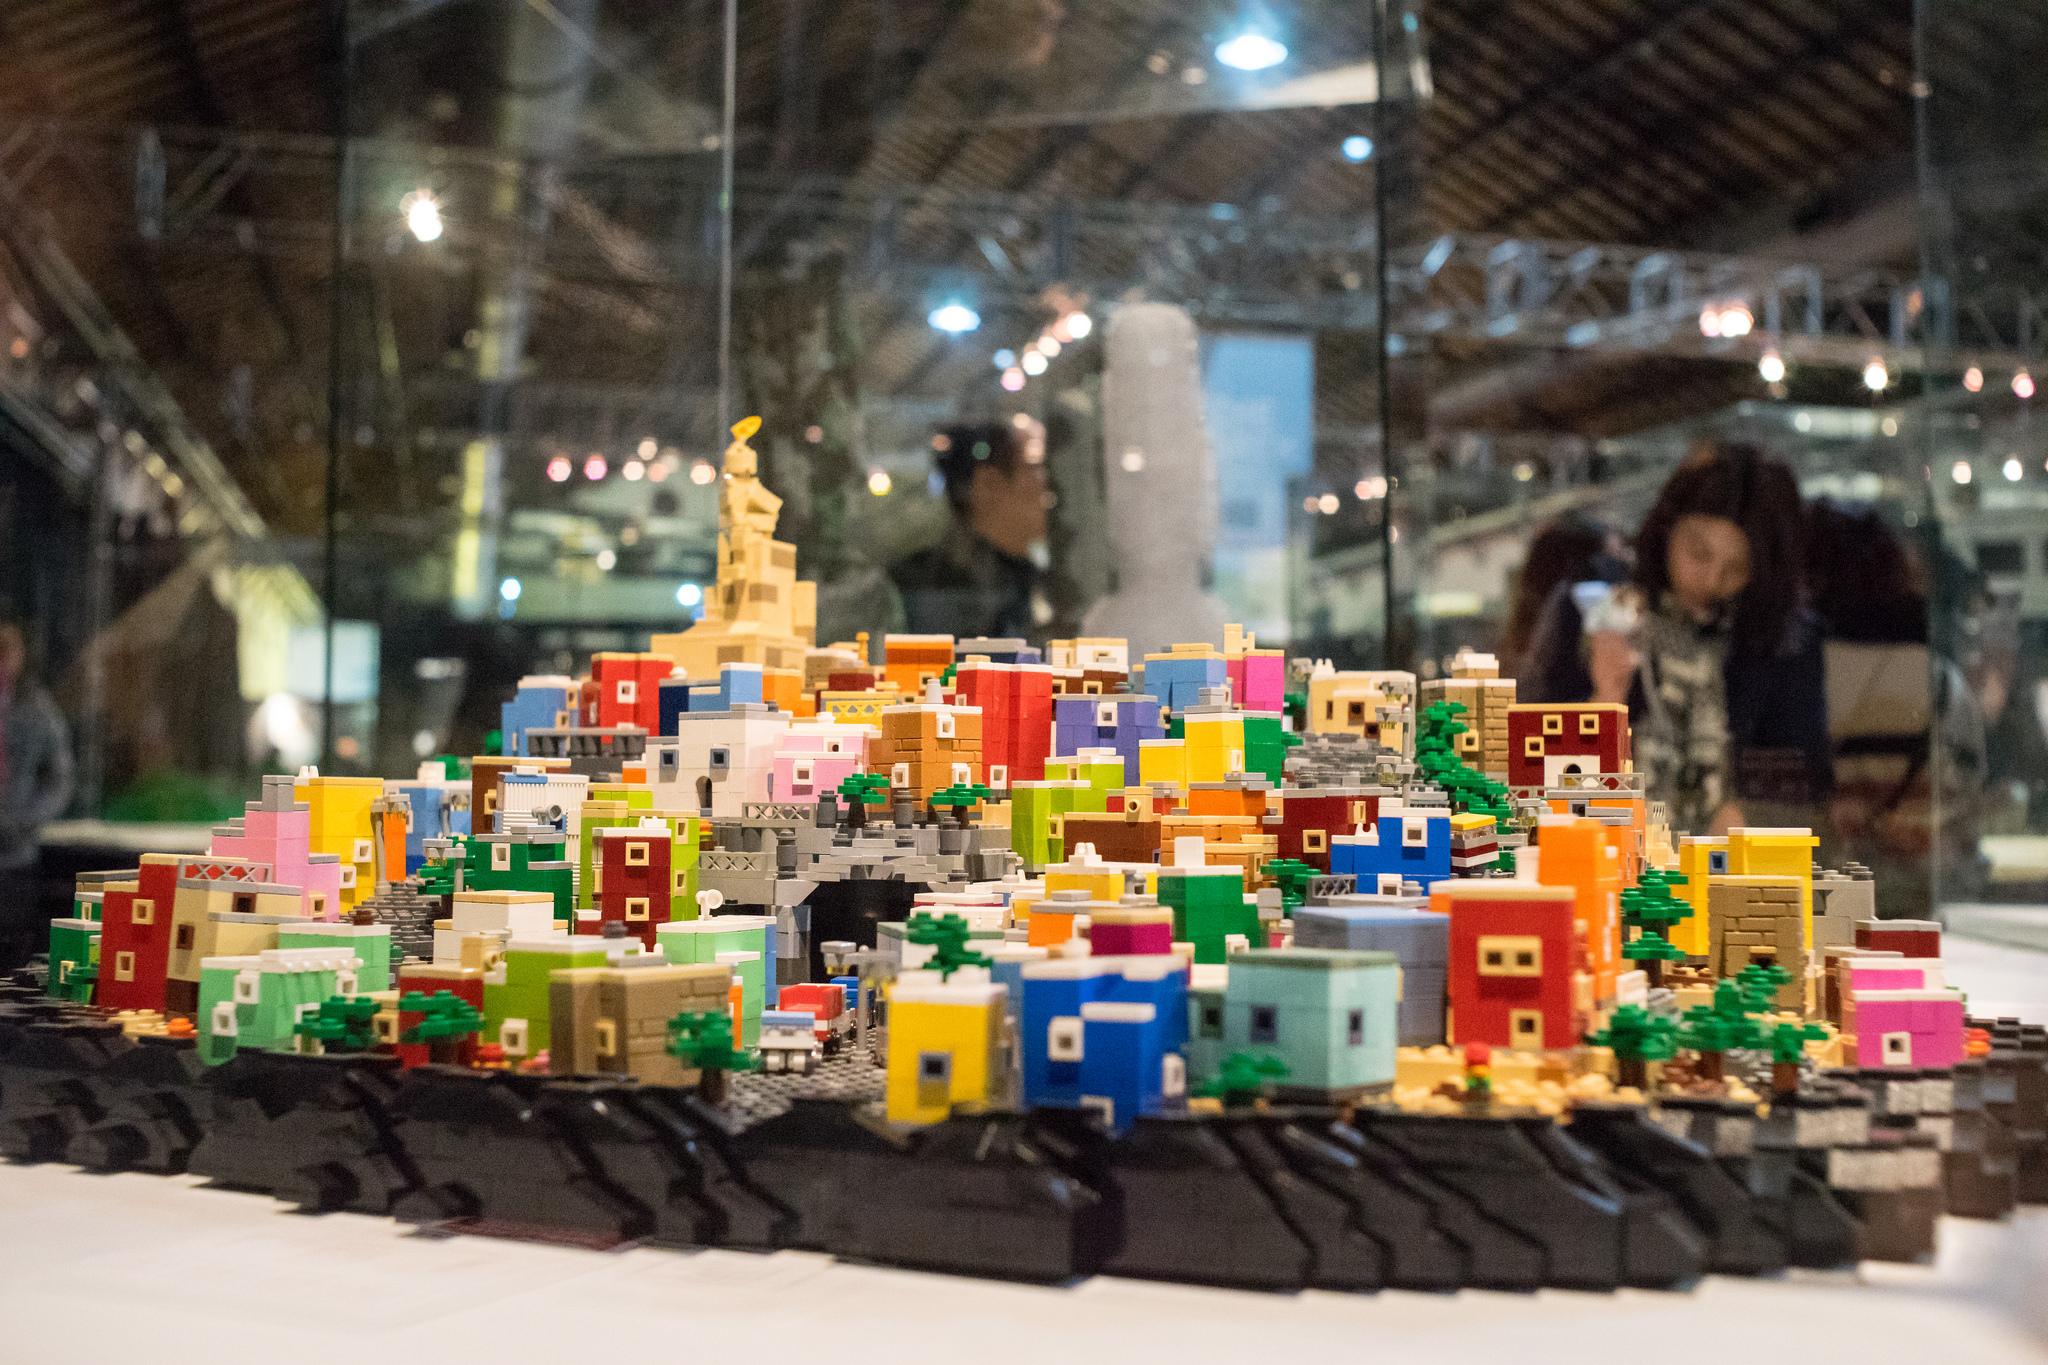 Guanajuato es parte de una asombrosa exposición recreada con piezas LEGO 🔨🇲🇽